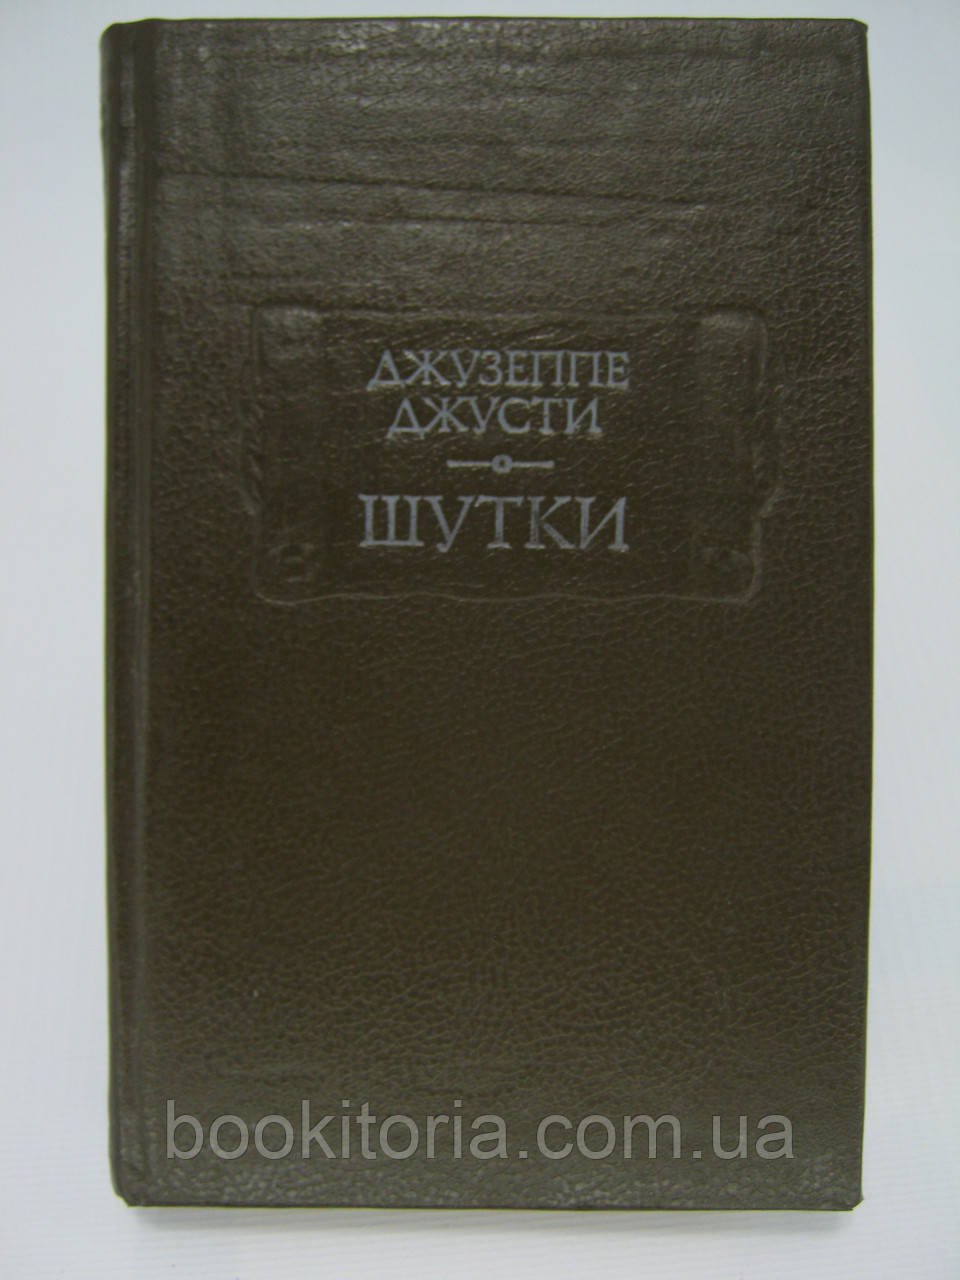 Джусти Дж. Шутки (б/у).